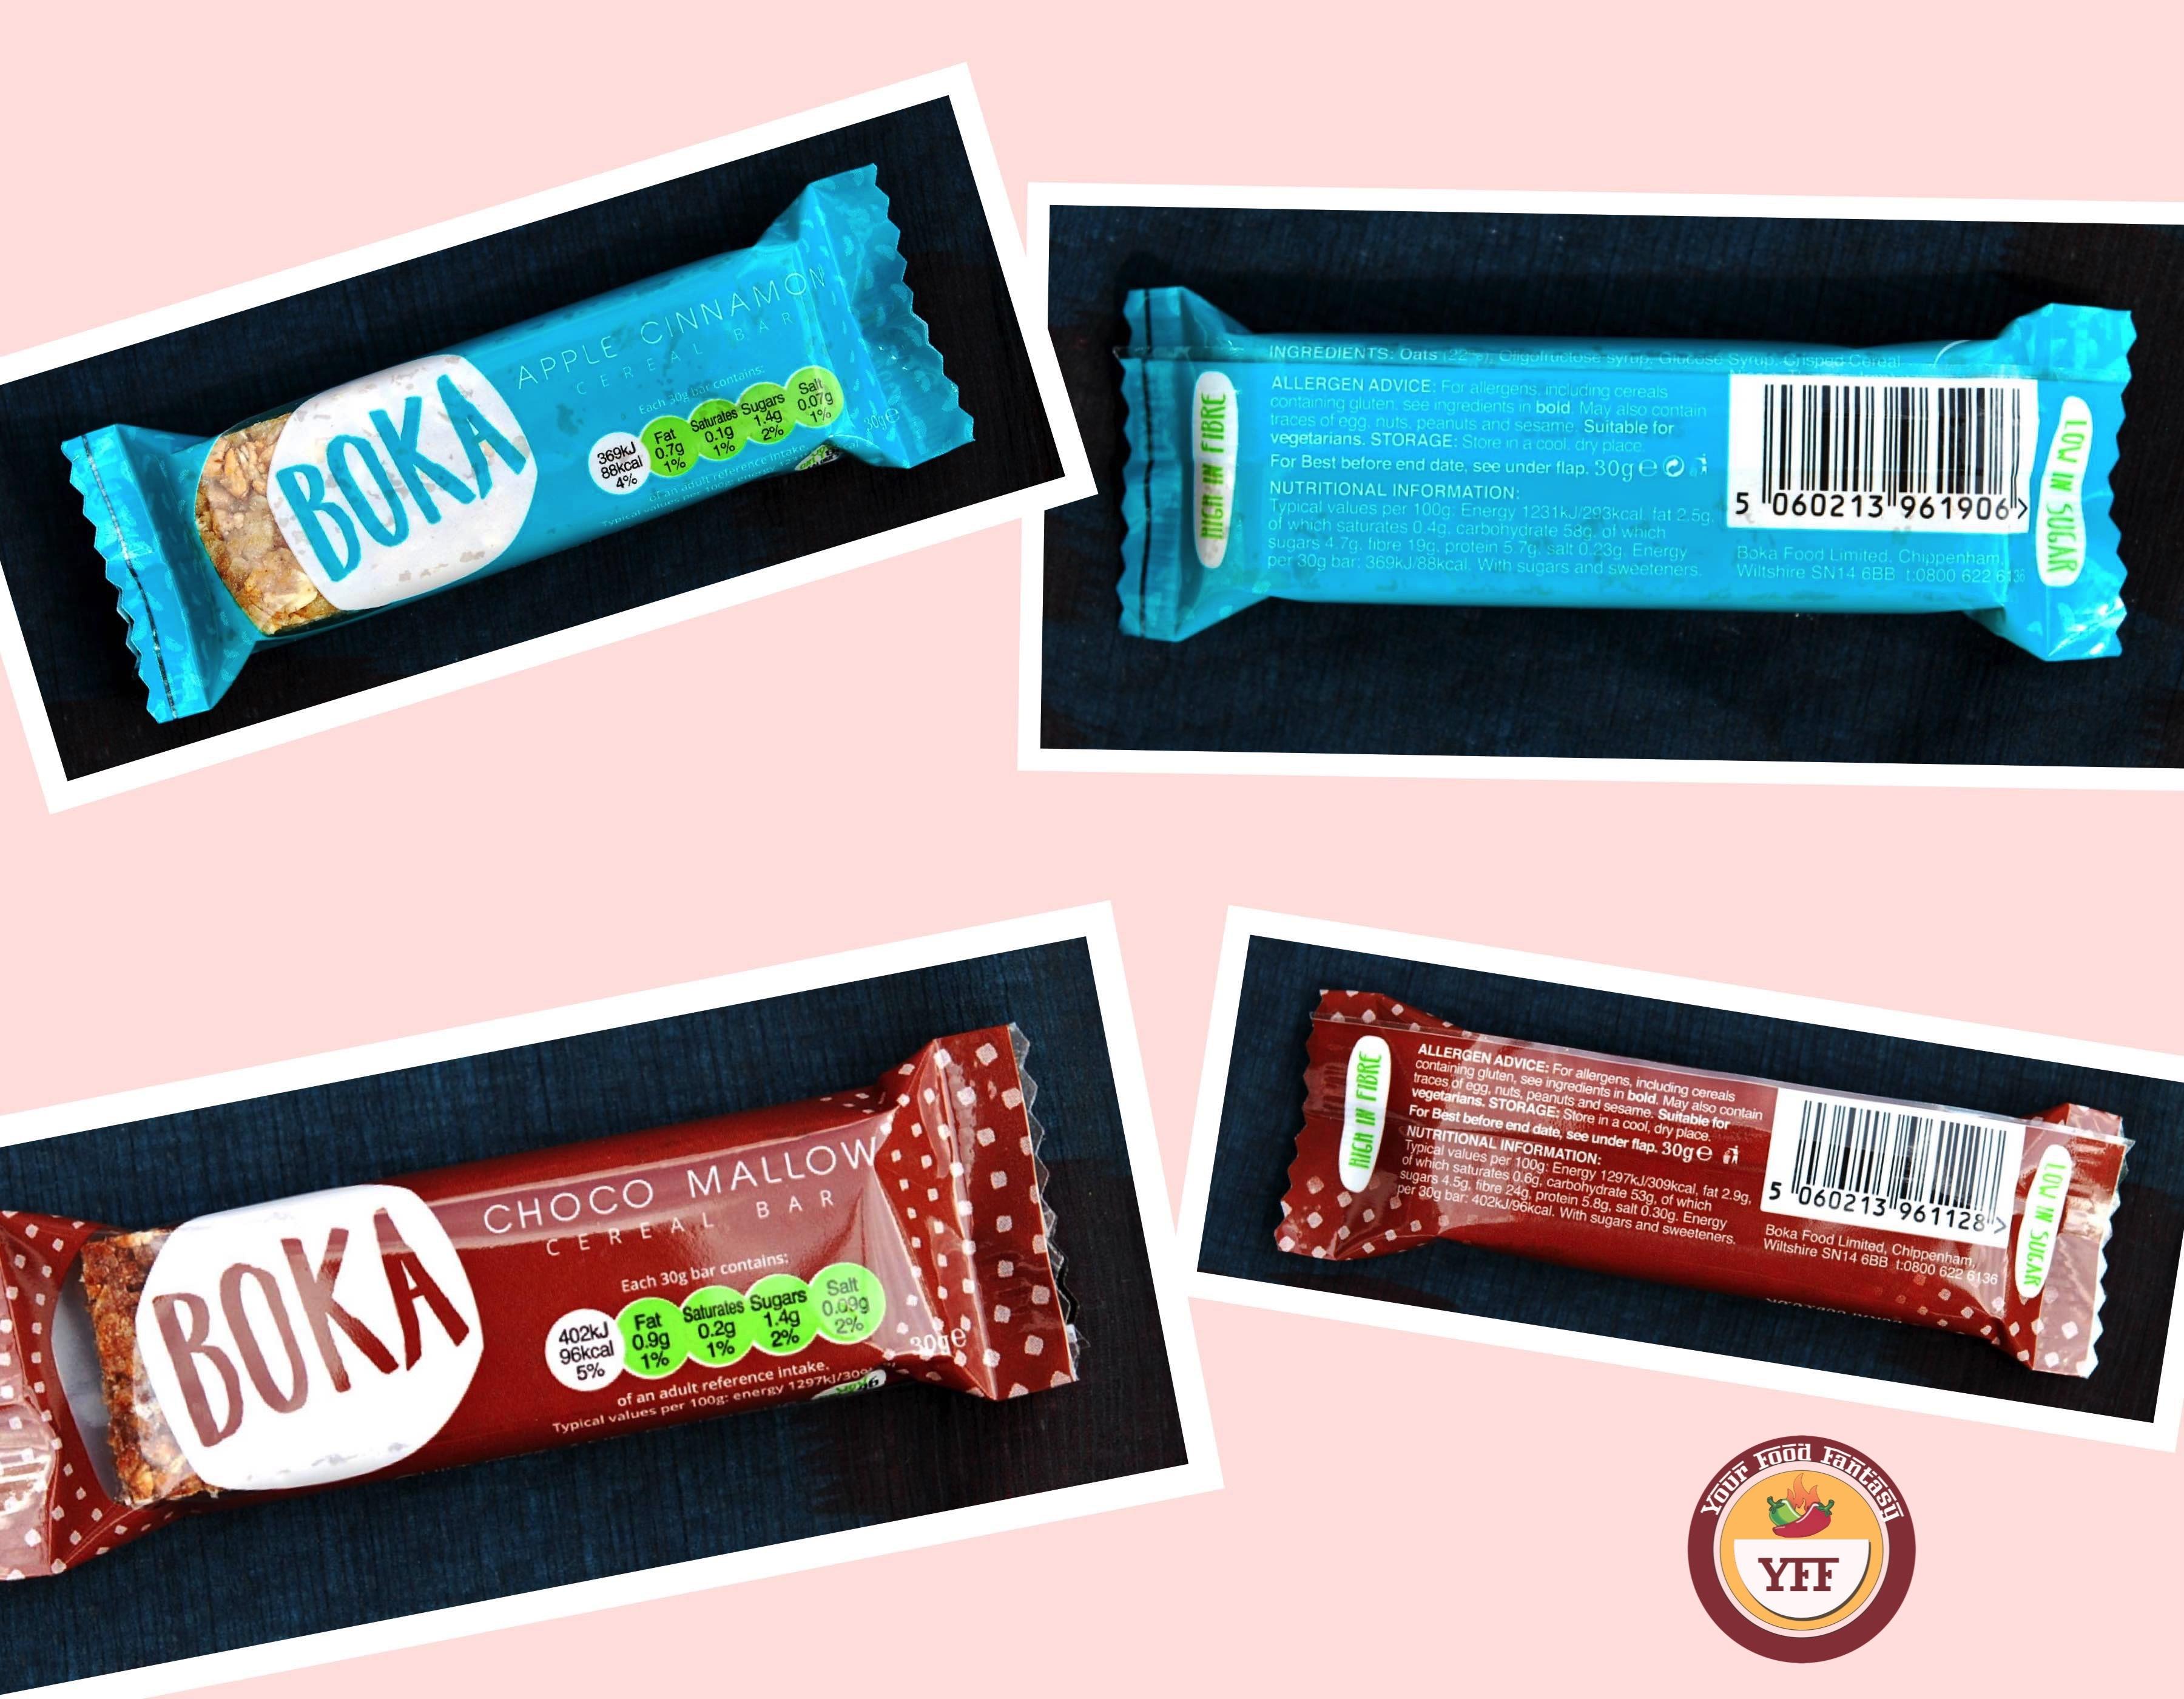 Degustabox August Review - Boka Cereal bars